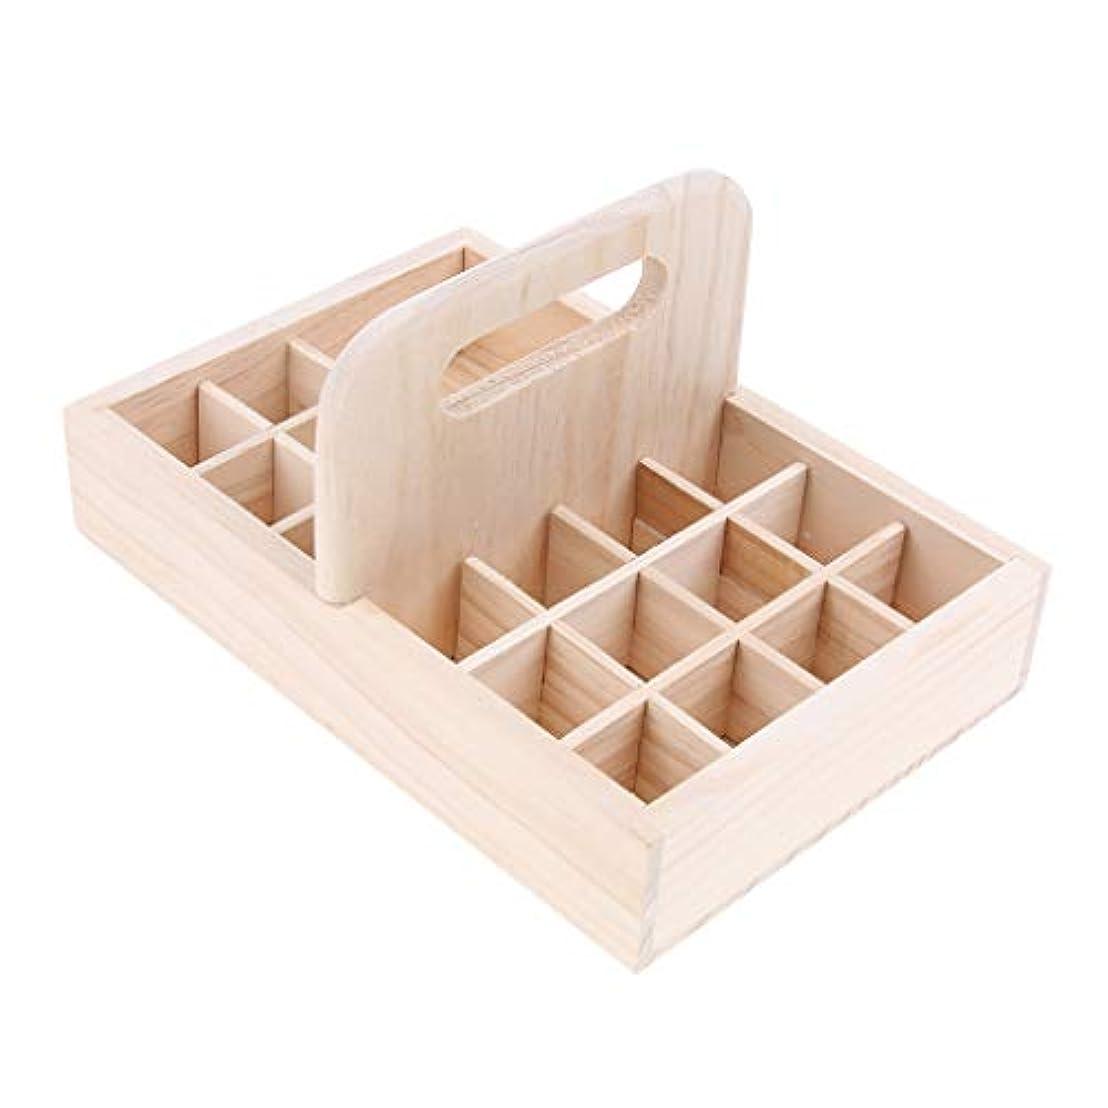 ねじれ超音速頭香水 マッサージオイル エッセンシャルオイル ホルダー オーガナイザー 木製ケース